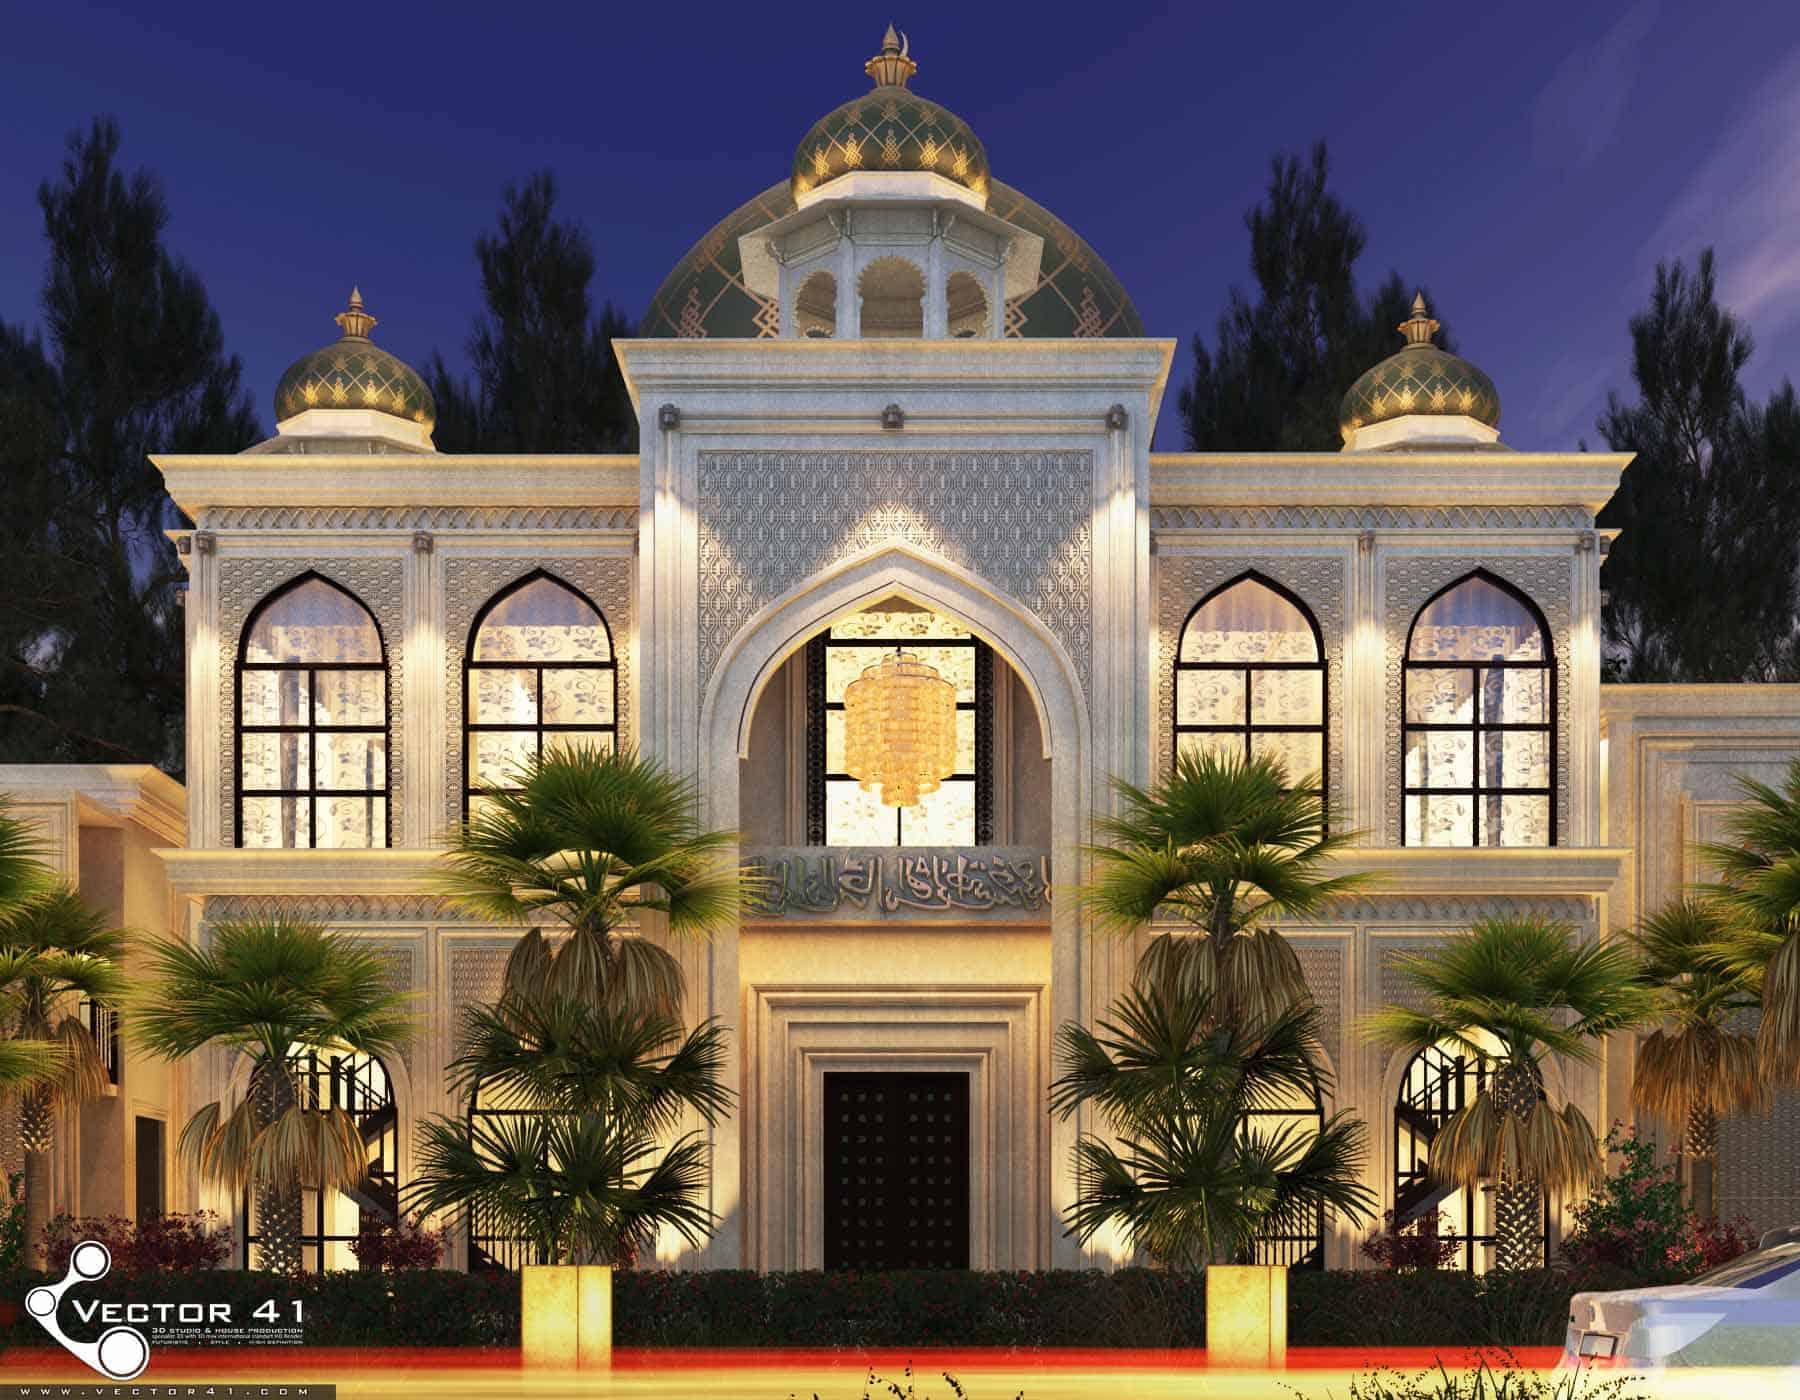 Desain Masjid Model Masjid Terbaru Vector 41 Arsitek